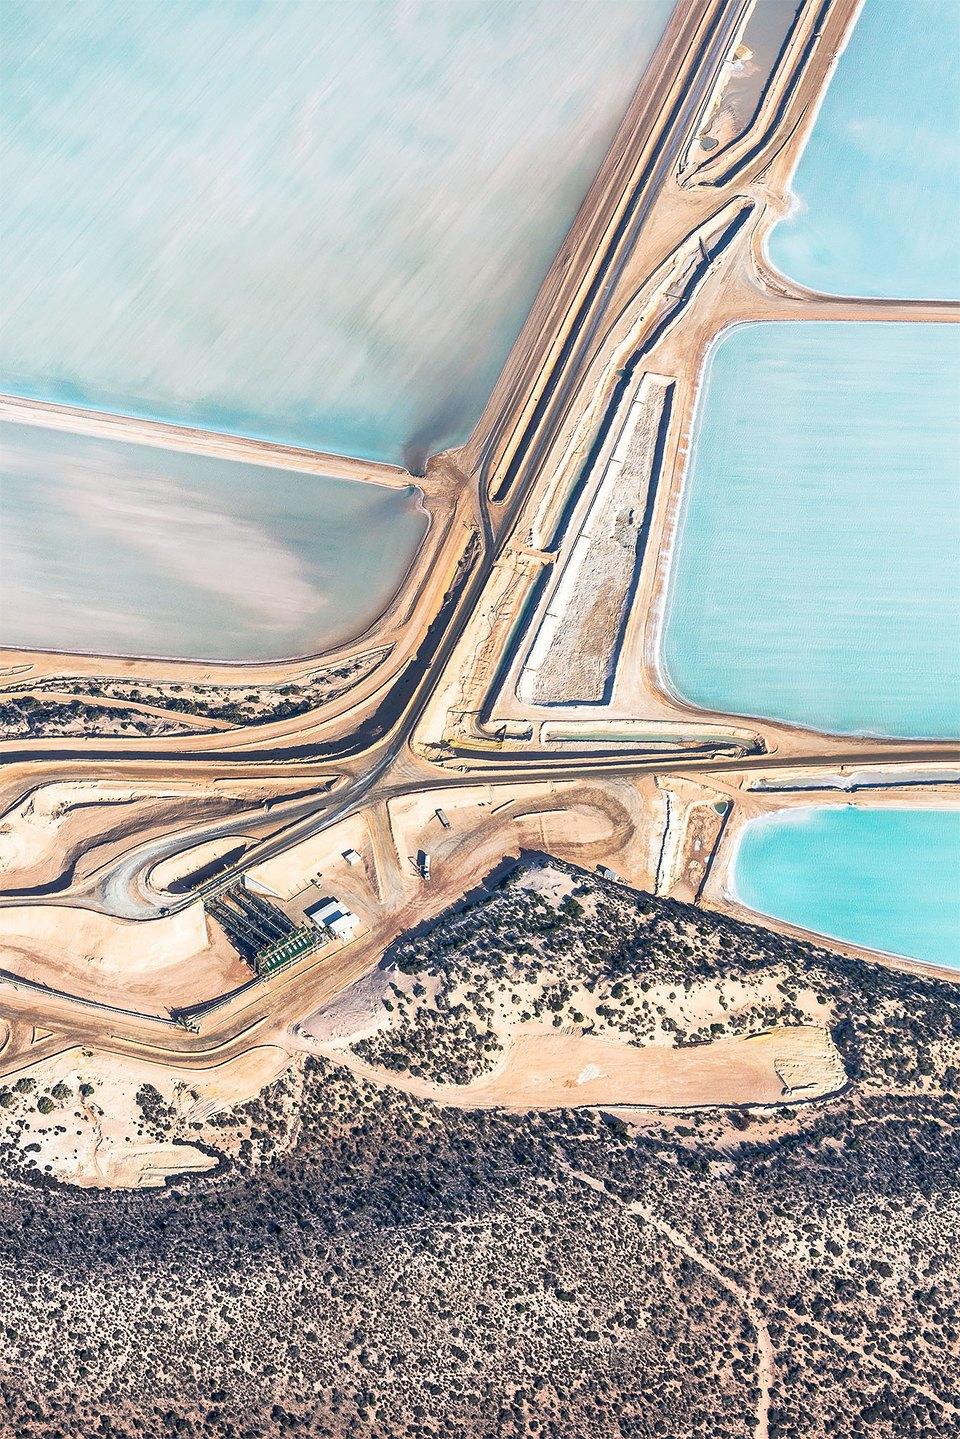 Фотографии, которые меняют наше представление  о пейзажах. Изображение № 7.